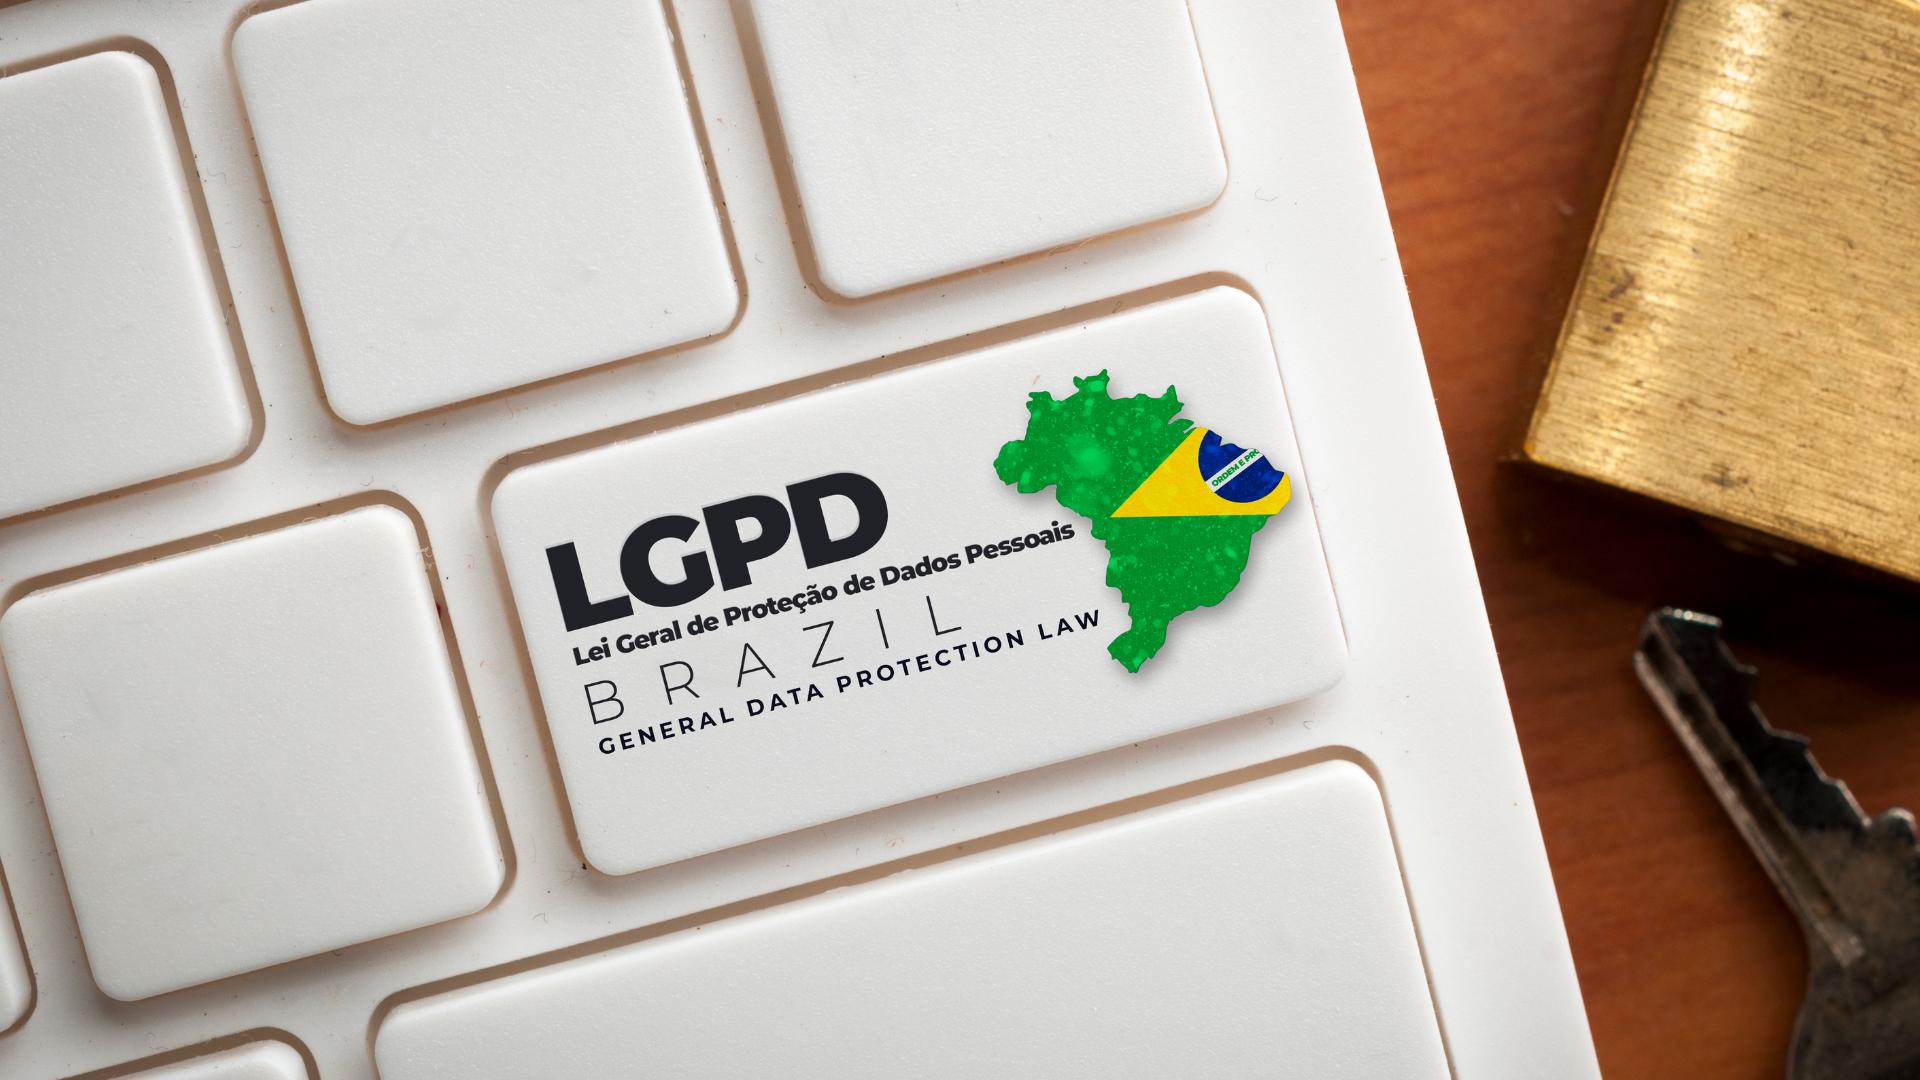 LGPD e Recursos Humanos: o que muda?